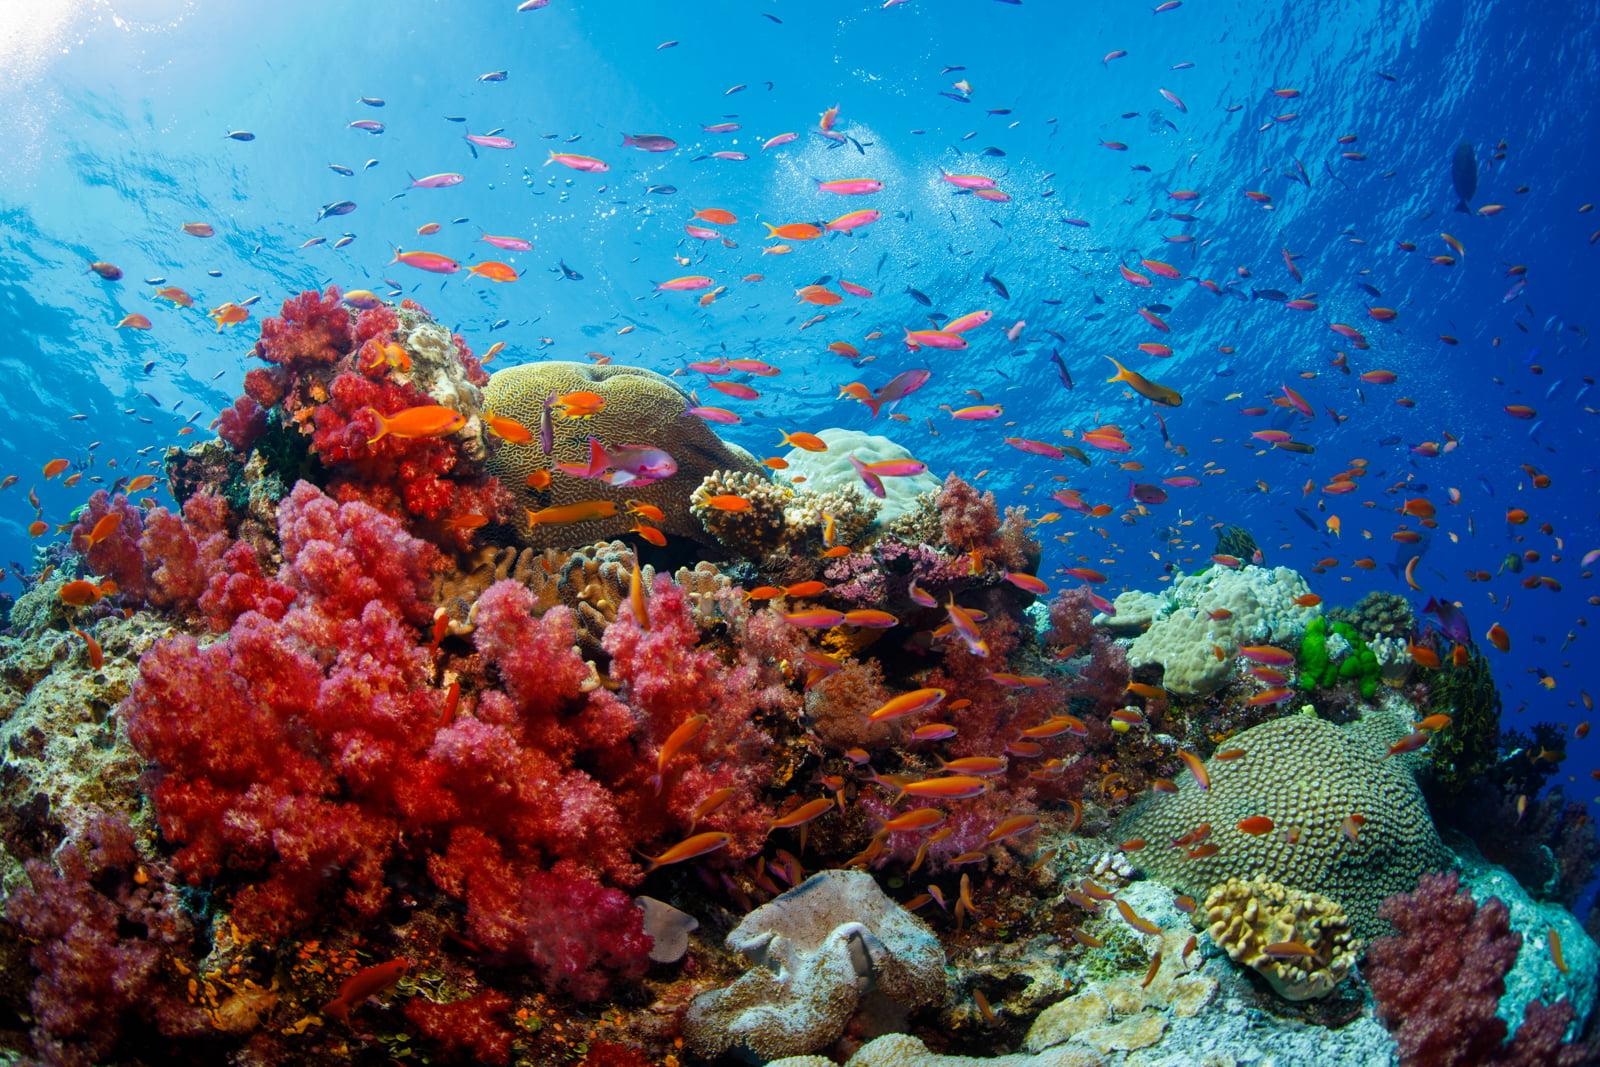 Fiji Savusavu JMC Resort Snorkel Reef